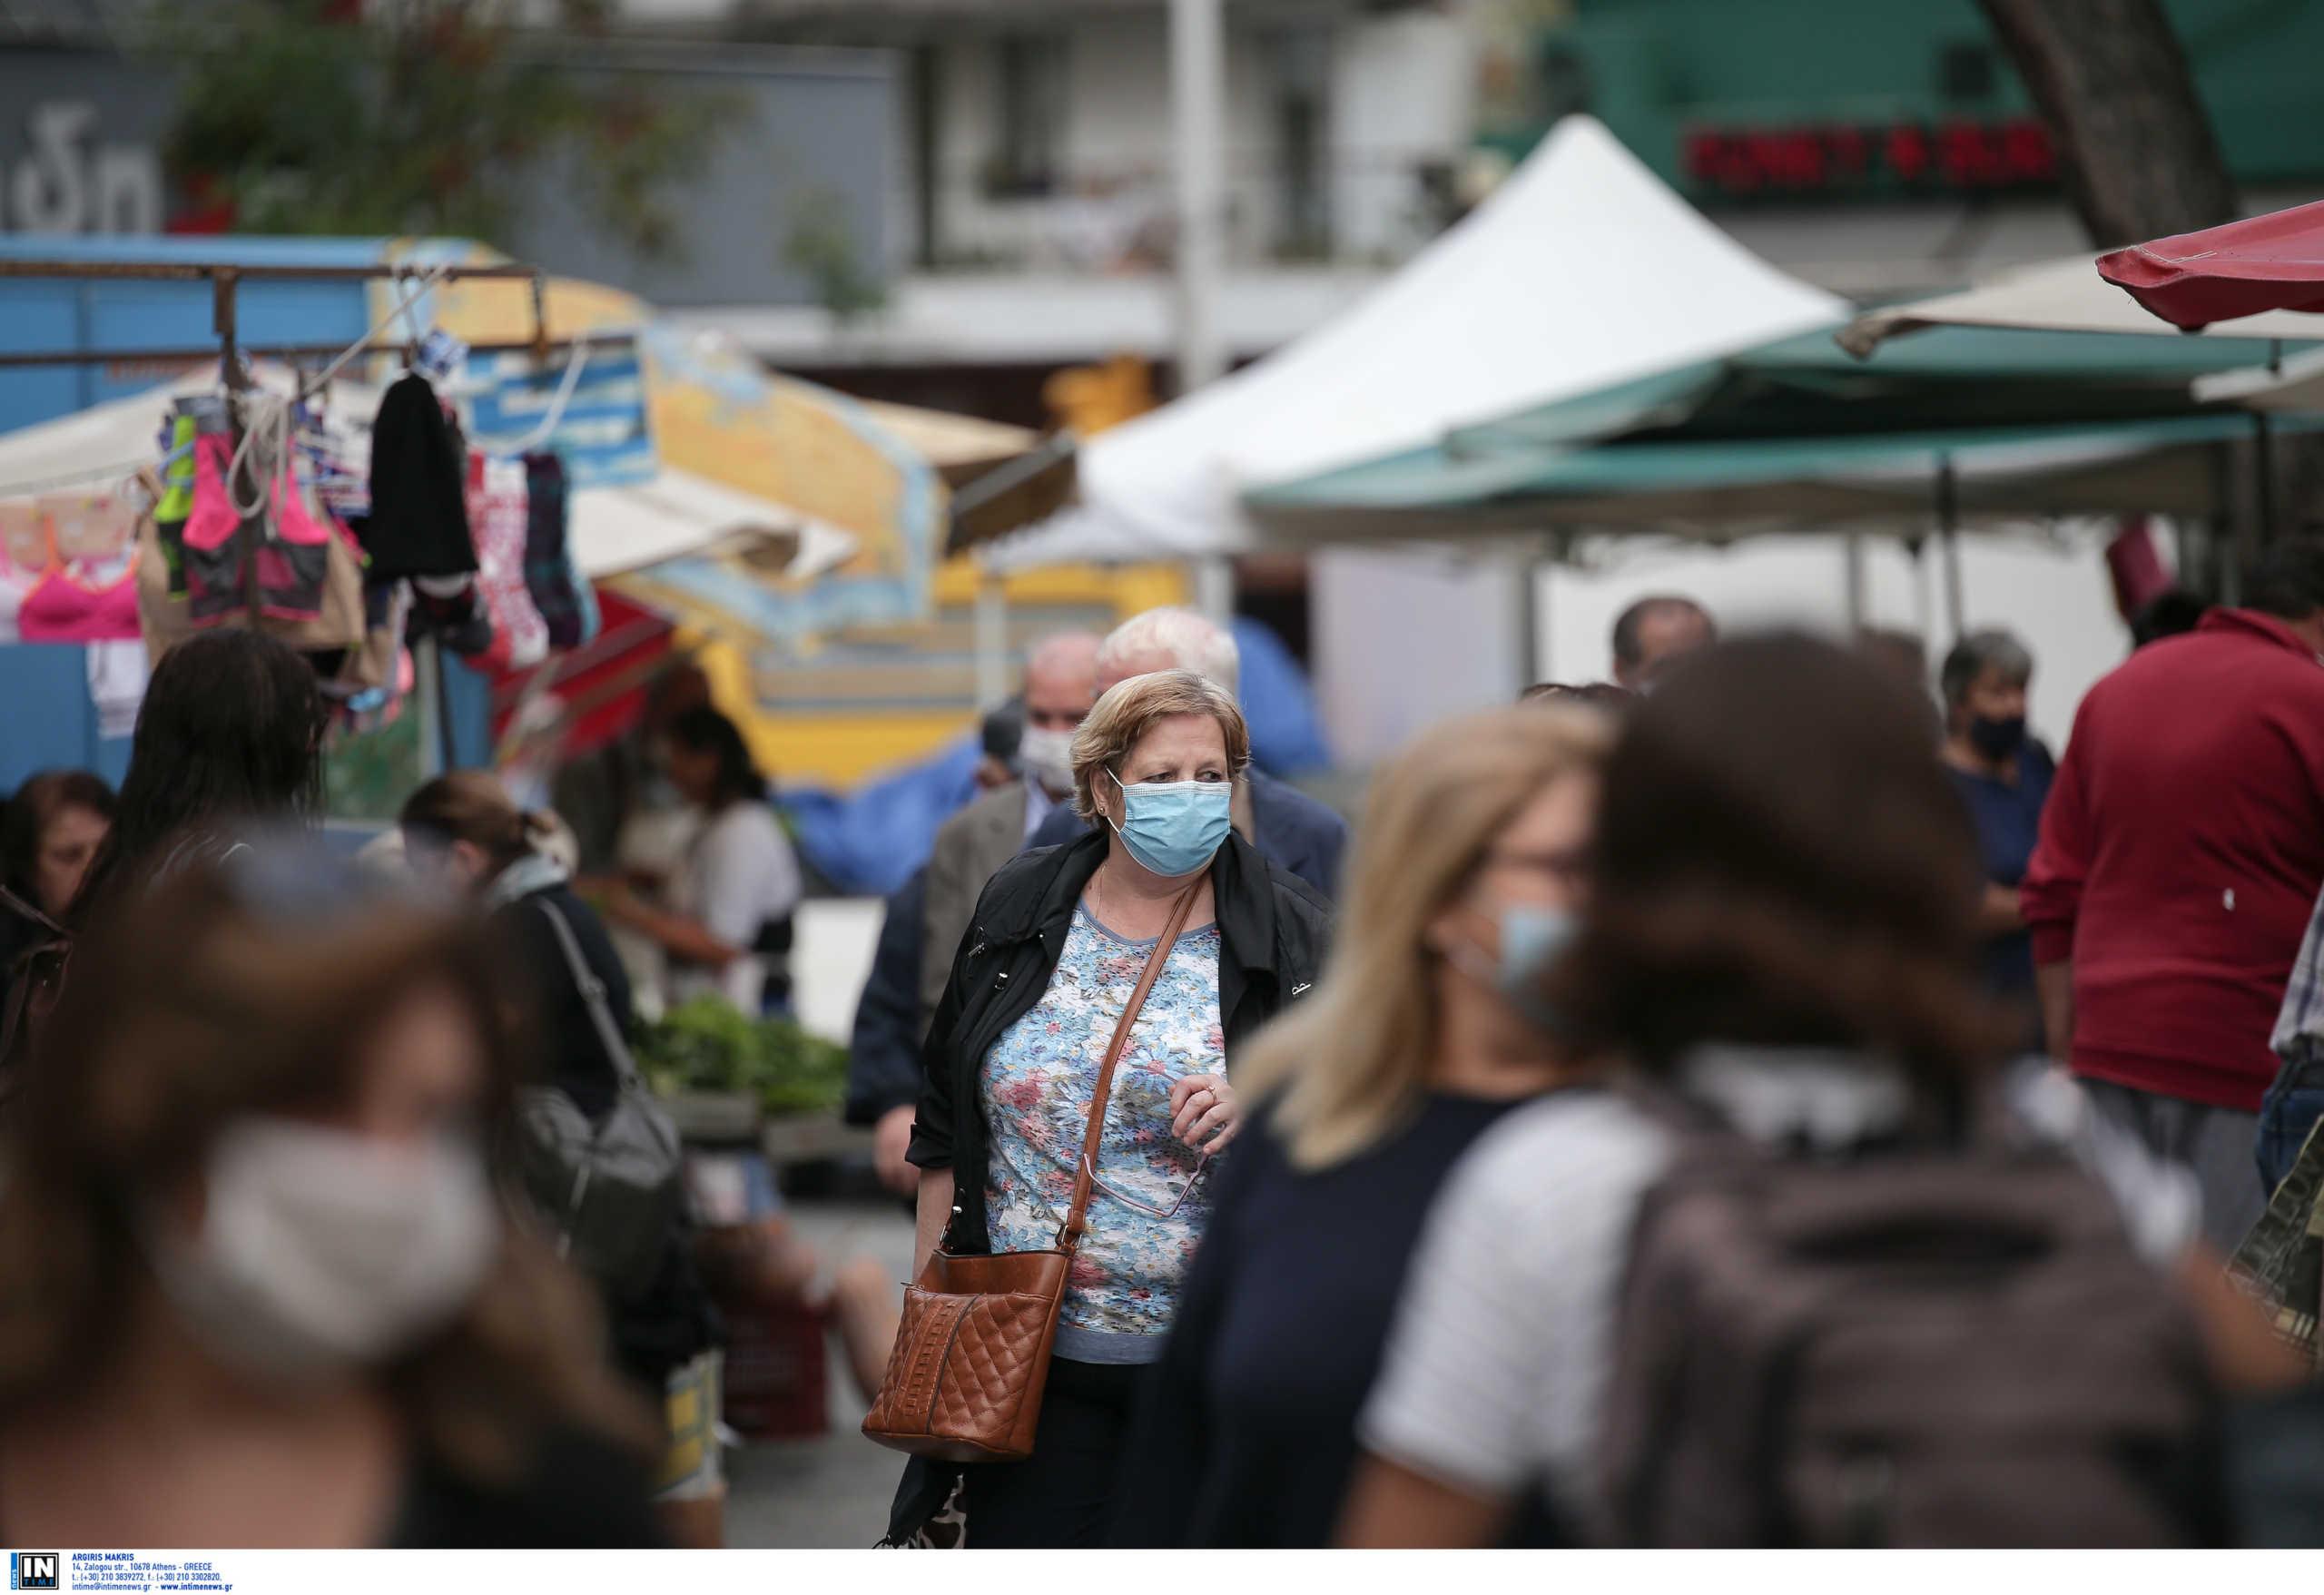 περαστικοί με μάσκα για τον κορονοϊό σε λαϊκή αγορά